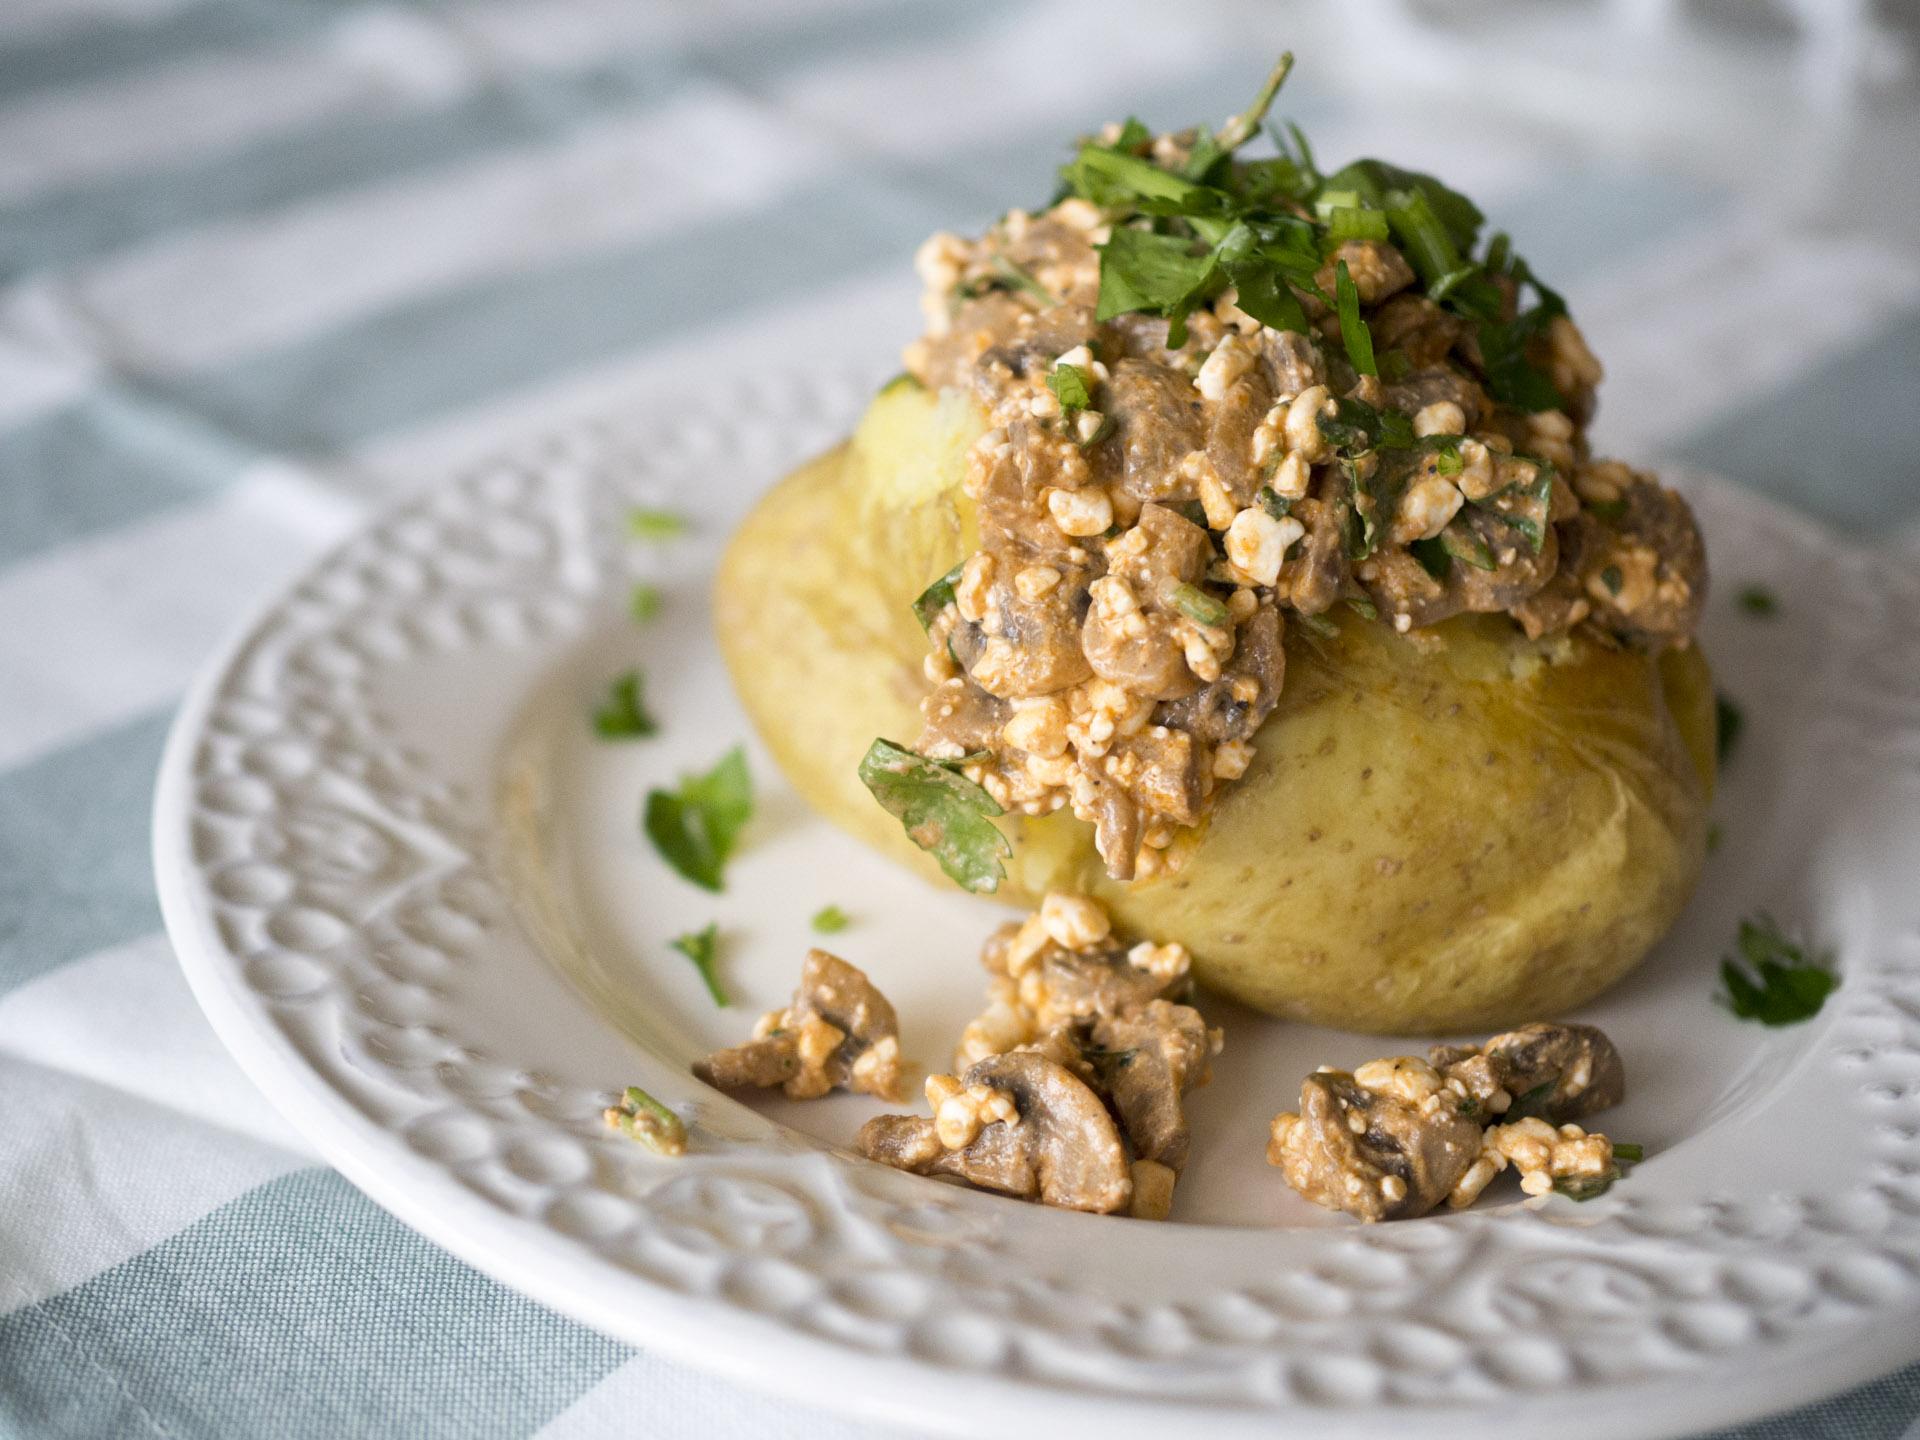 Bakad potatis med champinjonröra